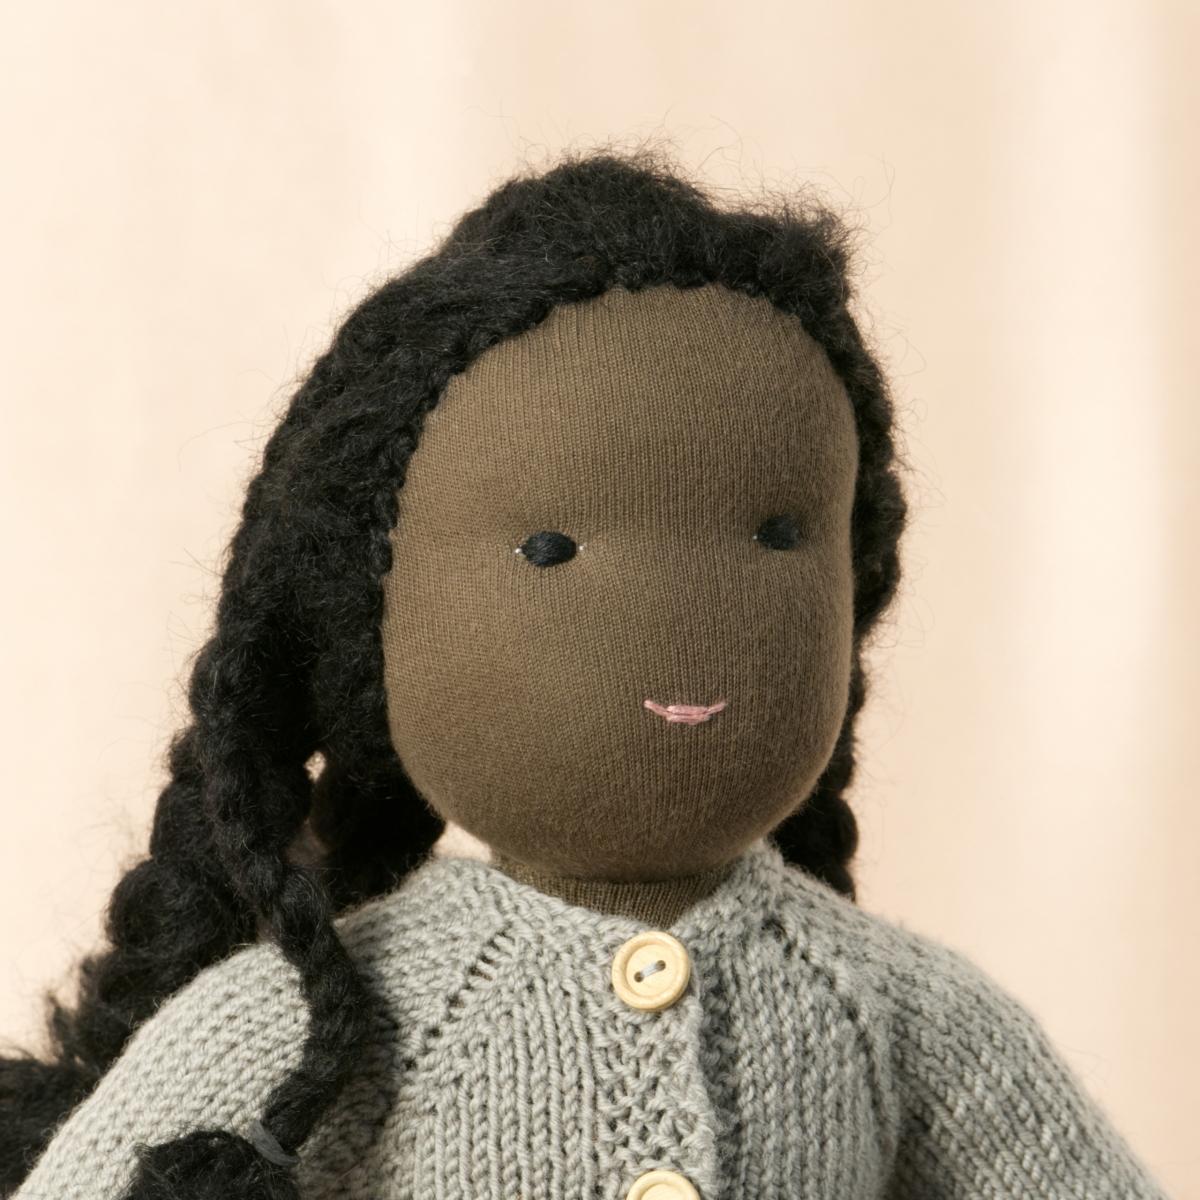 Puppe mit dunklem Hautton nach Waldorf-Art, geflochtene lange schwarze Haare, gekleidet in grauen Strickanzug